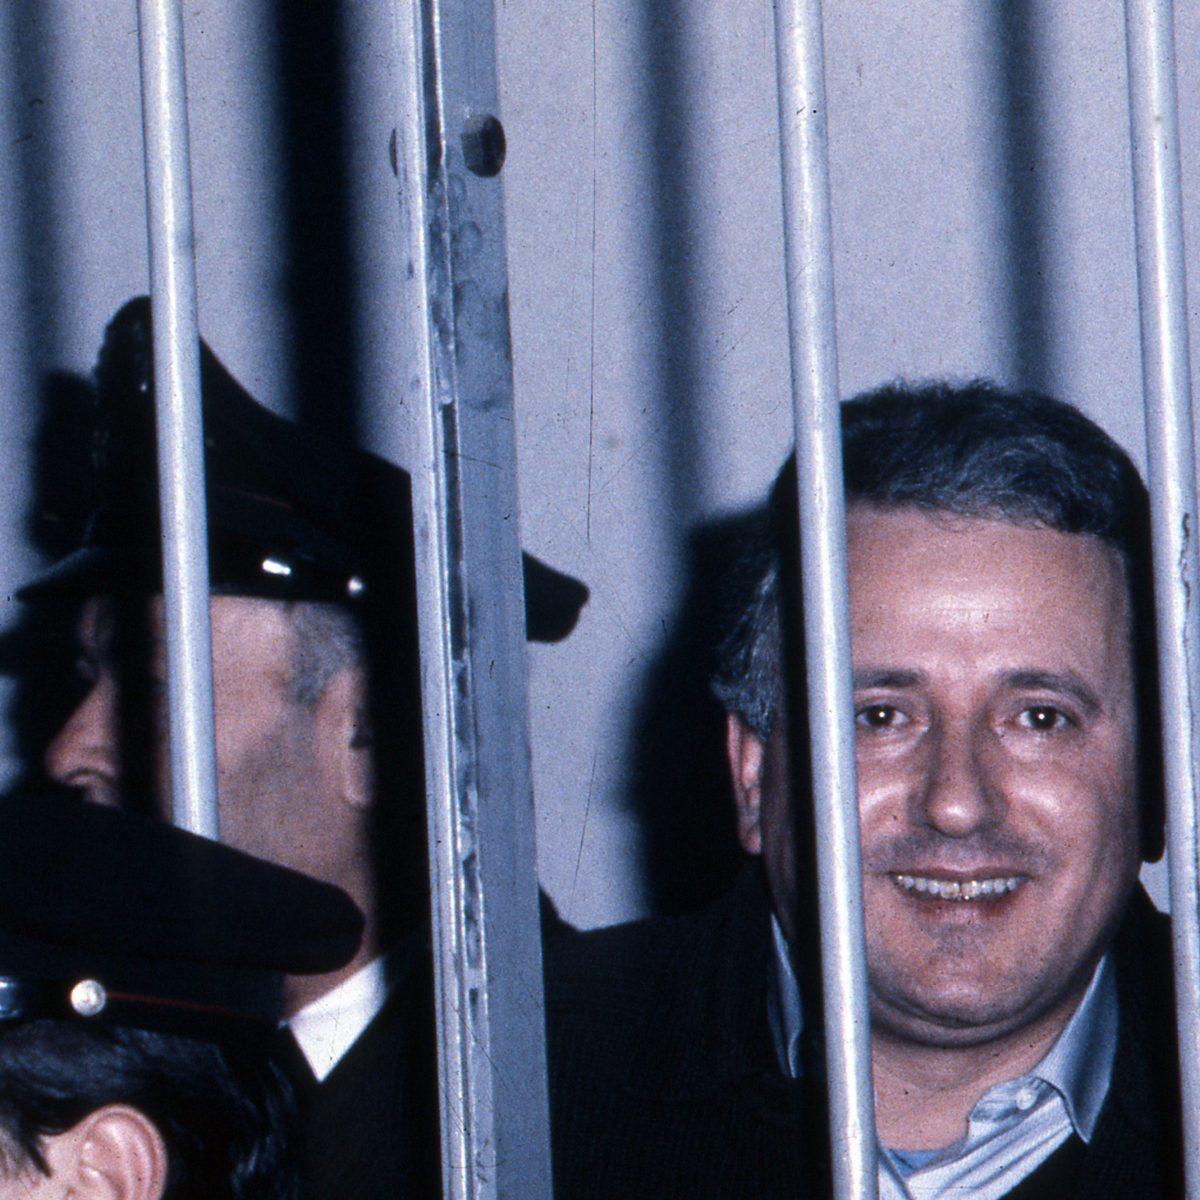 La vita di Raffaele Cutolo. Il boss che con omicidi, soldi e lavoro ha cambiato la camorra